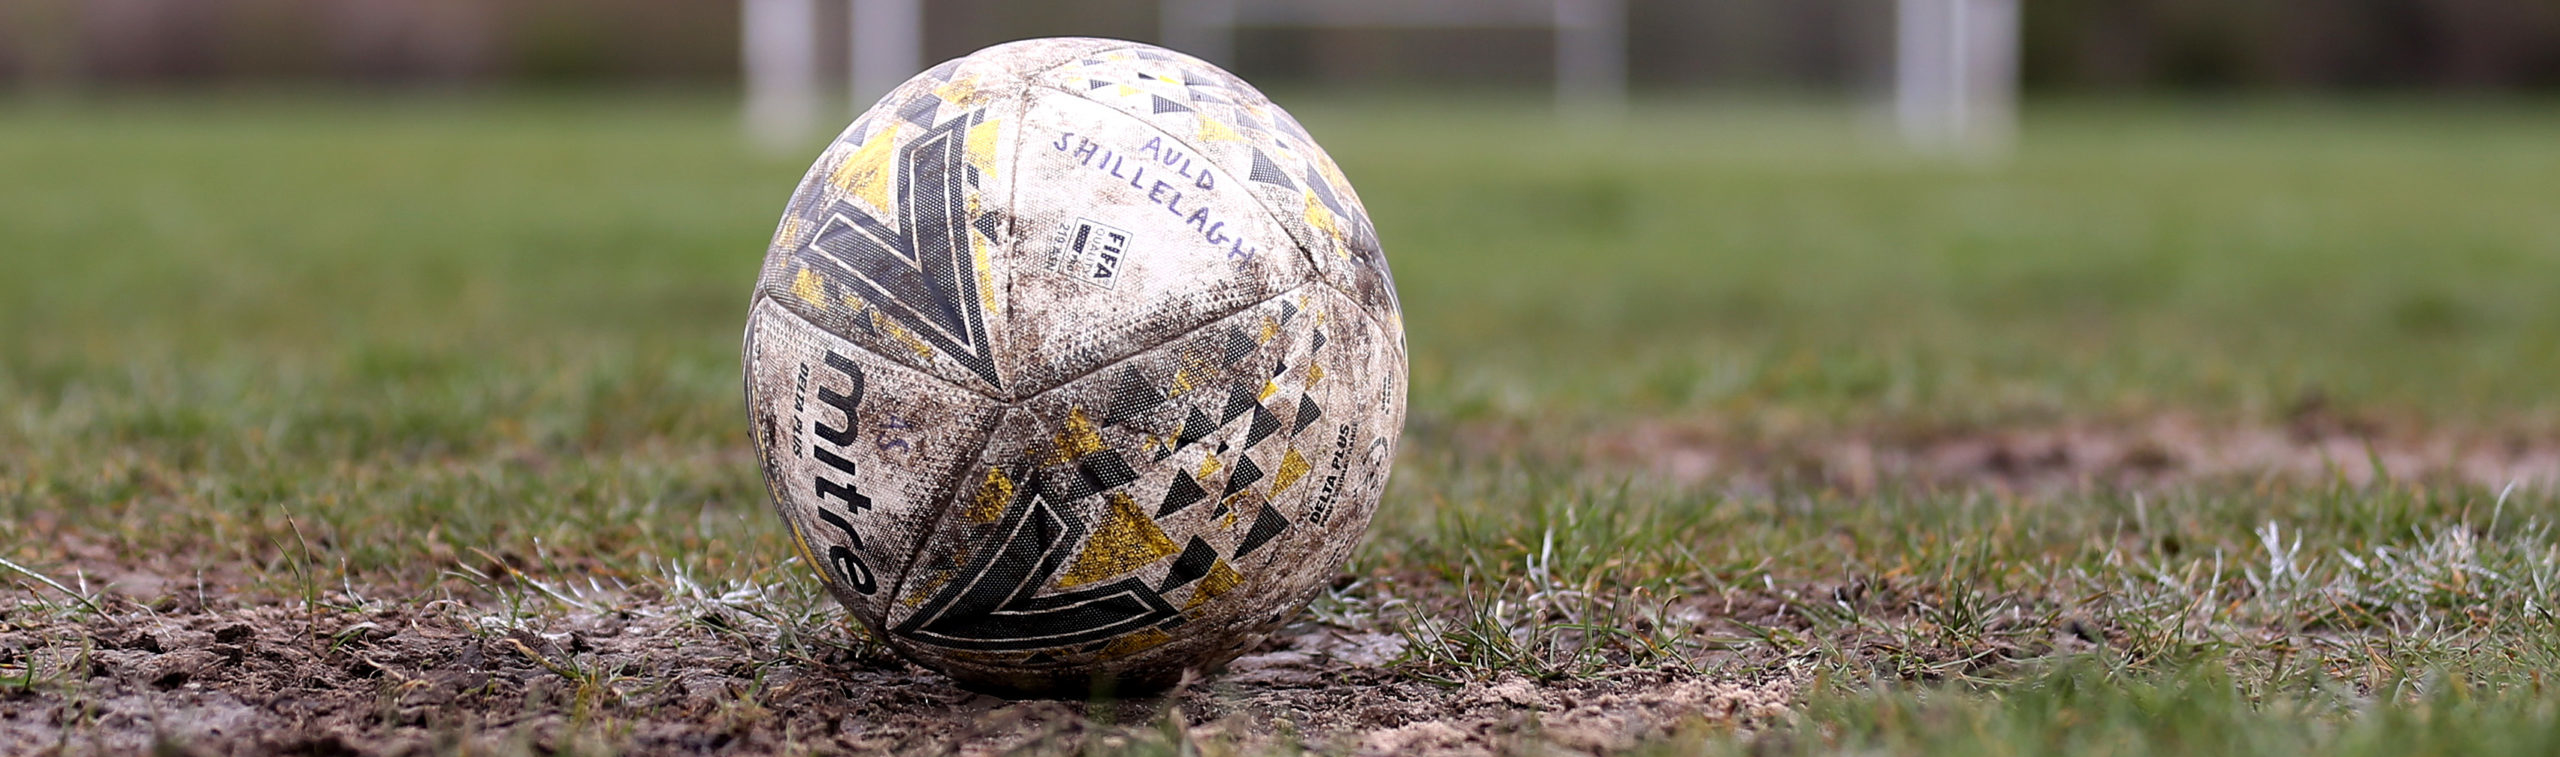 Eventi sportivi di oggi 25 aprile: un sabato a tutto calcio nell'ex URSS